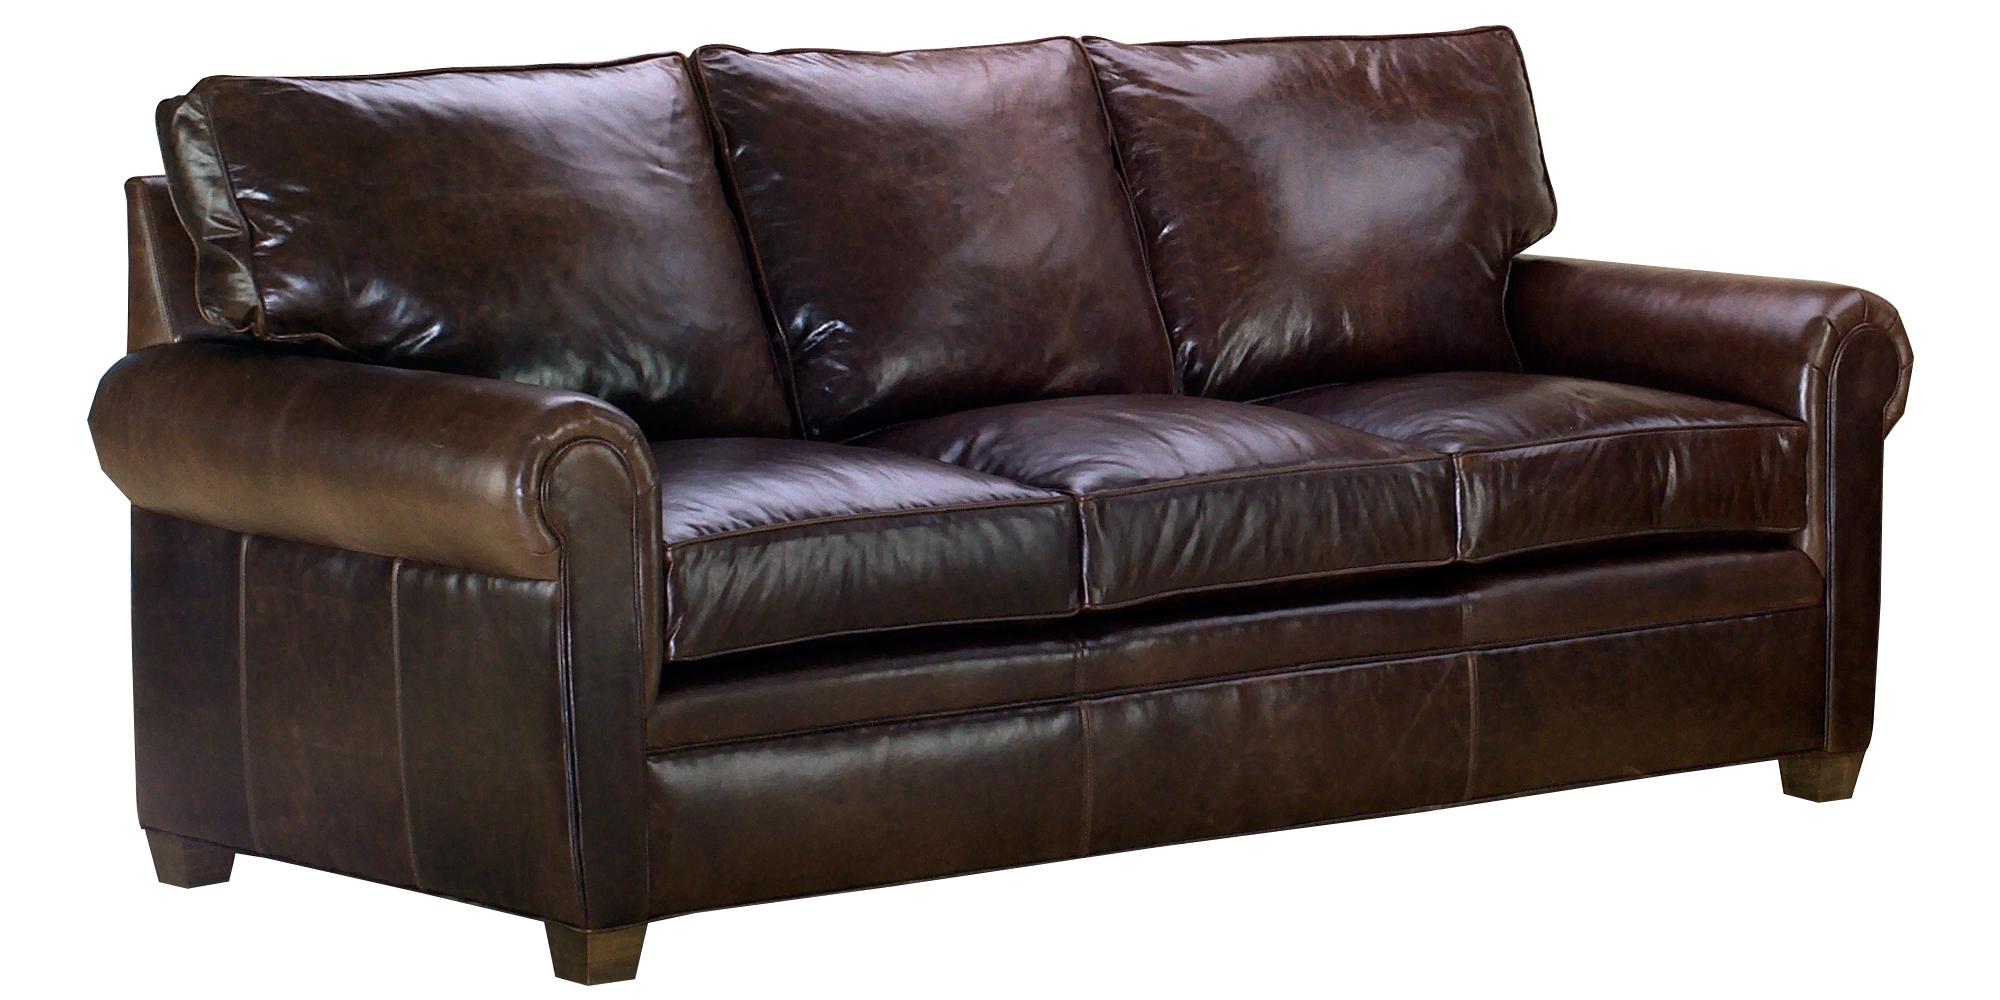 leather furniture rockefeller rolled arm sofa set JNABSFM